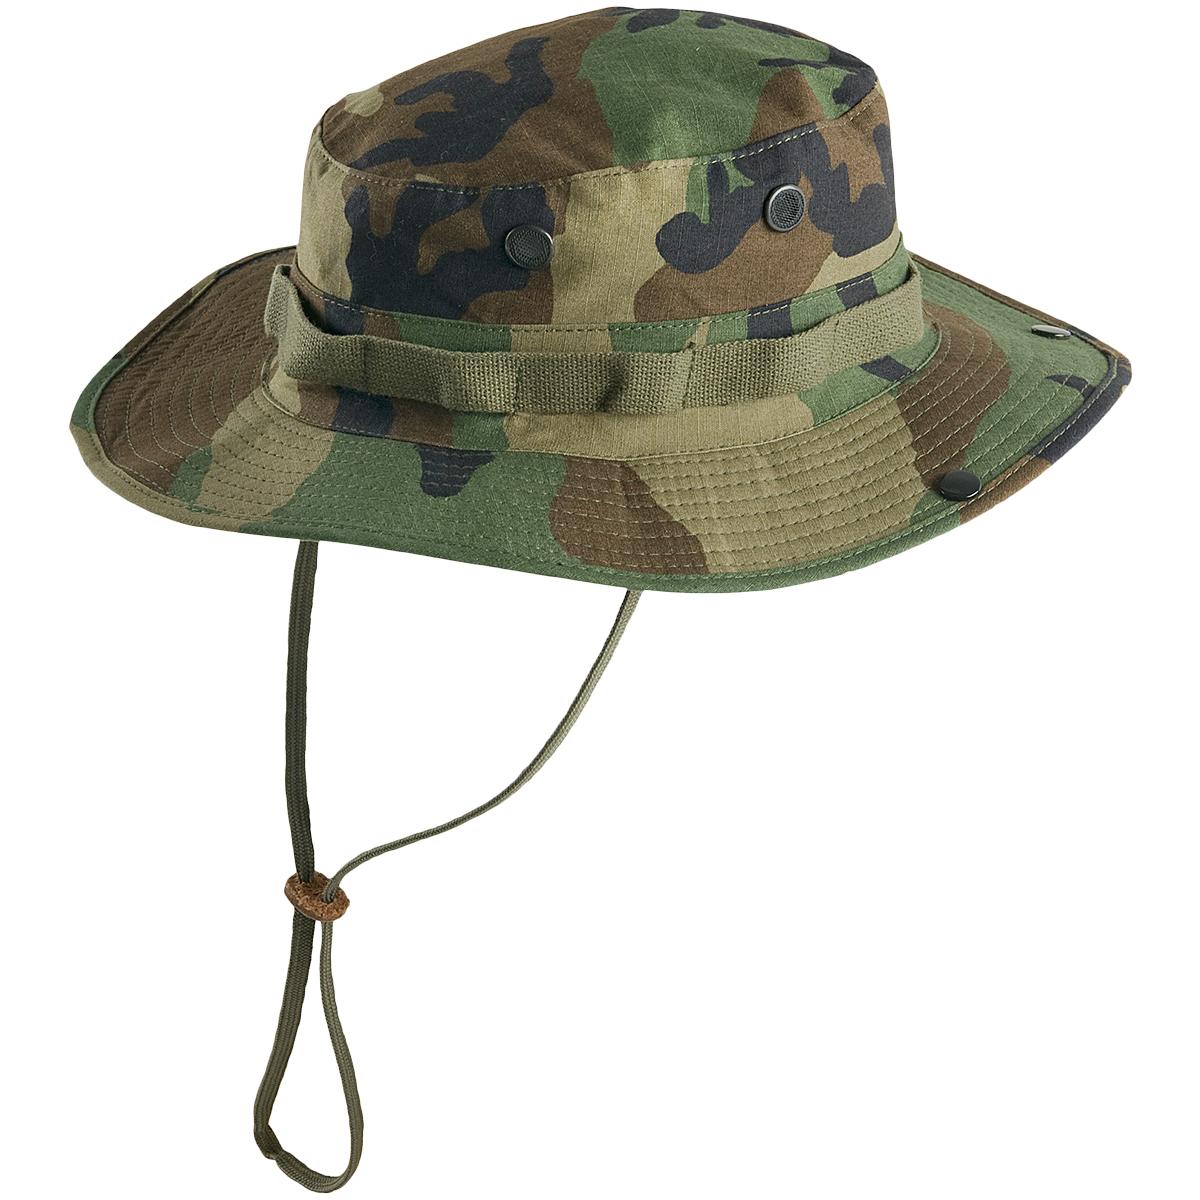 Ejército Helikon Tex Acu Boonie Sombrero Ucp Camuflaje Gorra Ripstop Ee.uu